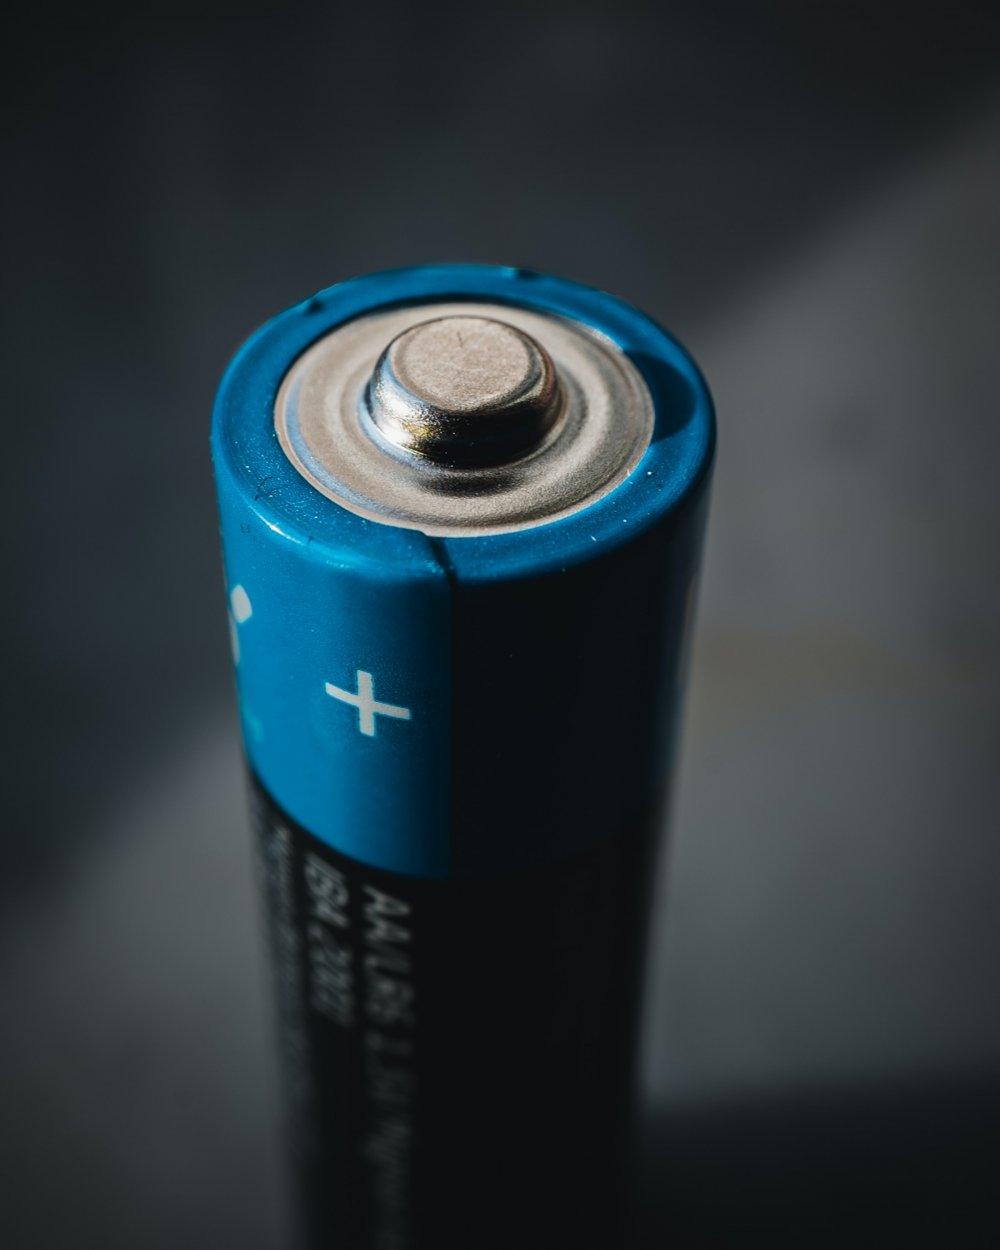 Trenger du etdewalt batteri 18v?